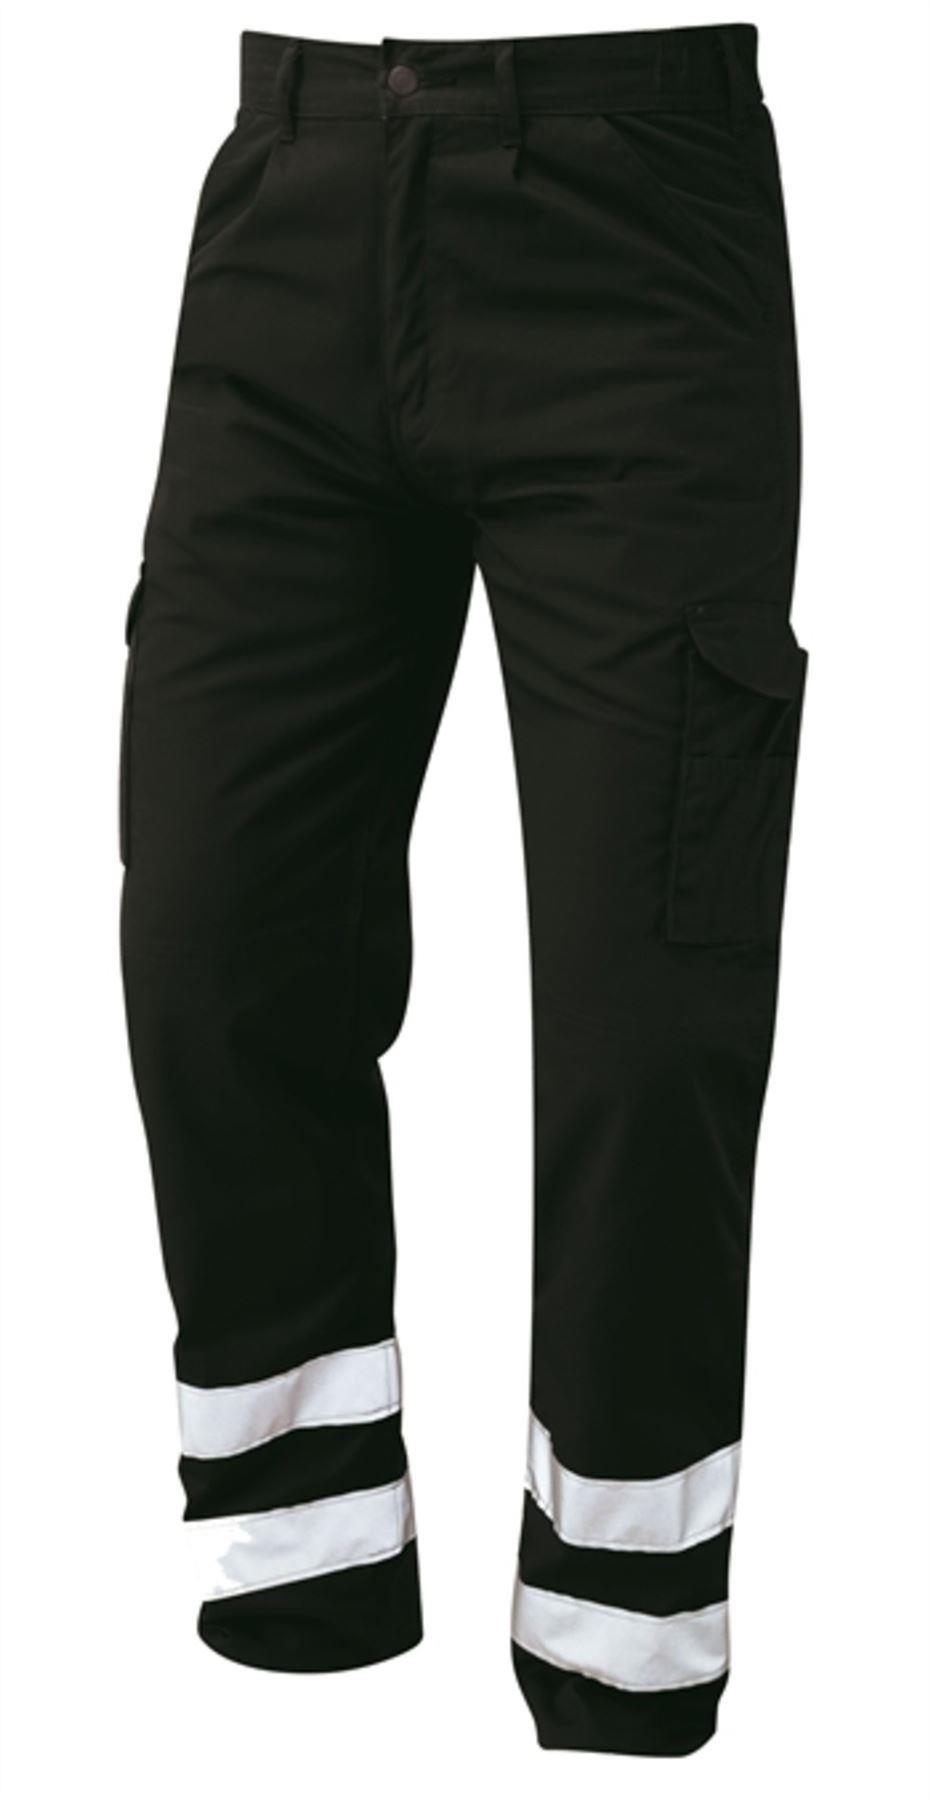 Orn Condor Hi Vis Kneepad Trousers - Black|48W32L